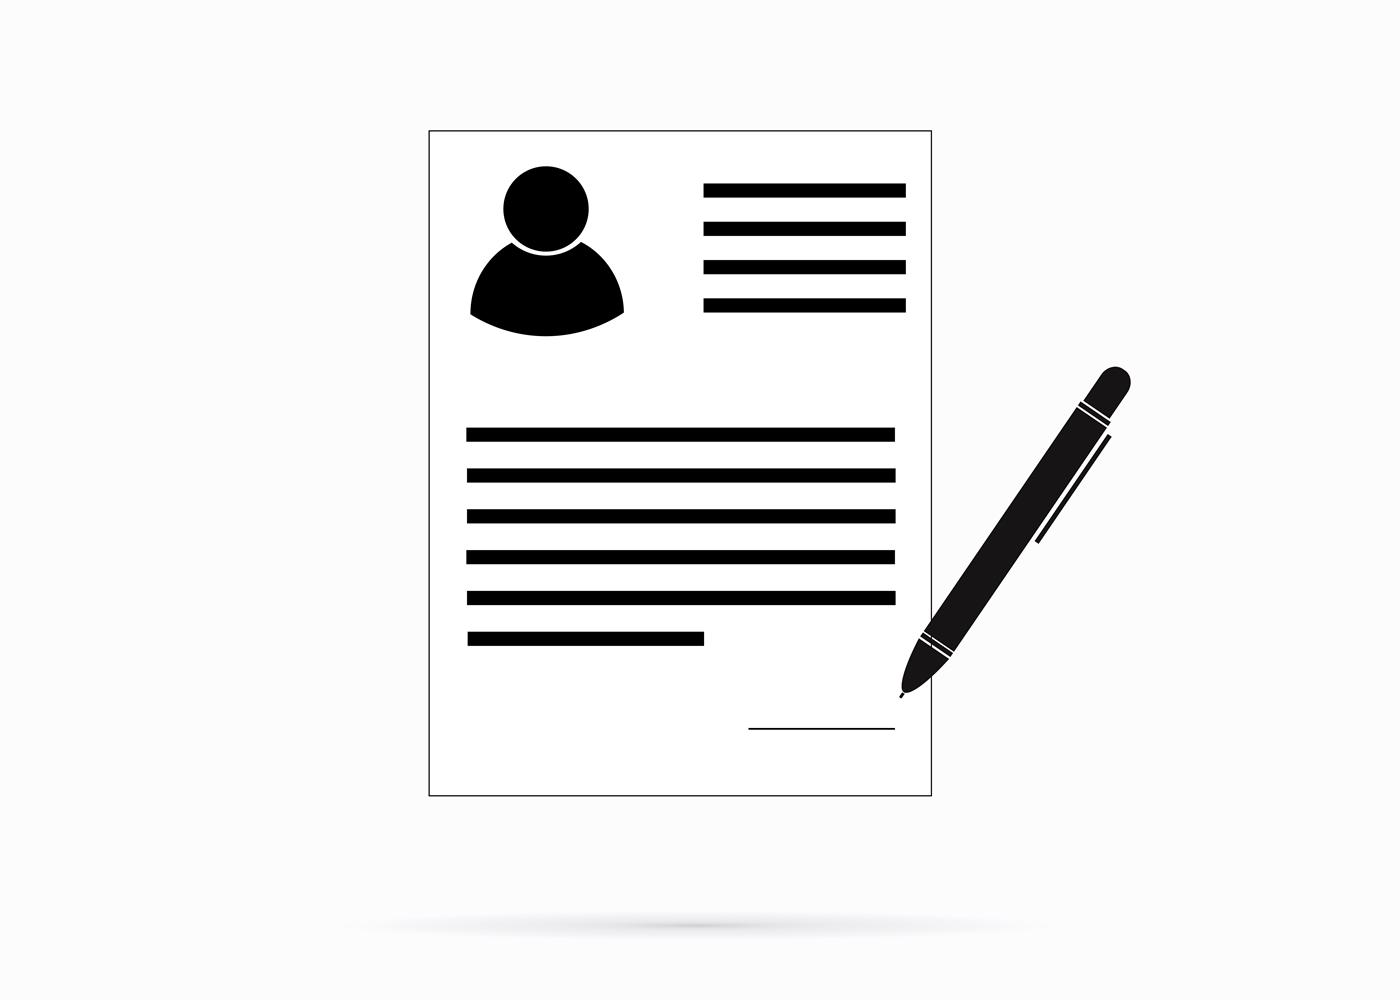 naem-research-quickpolls-2016-07-job-descriptions-700x500